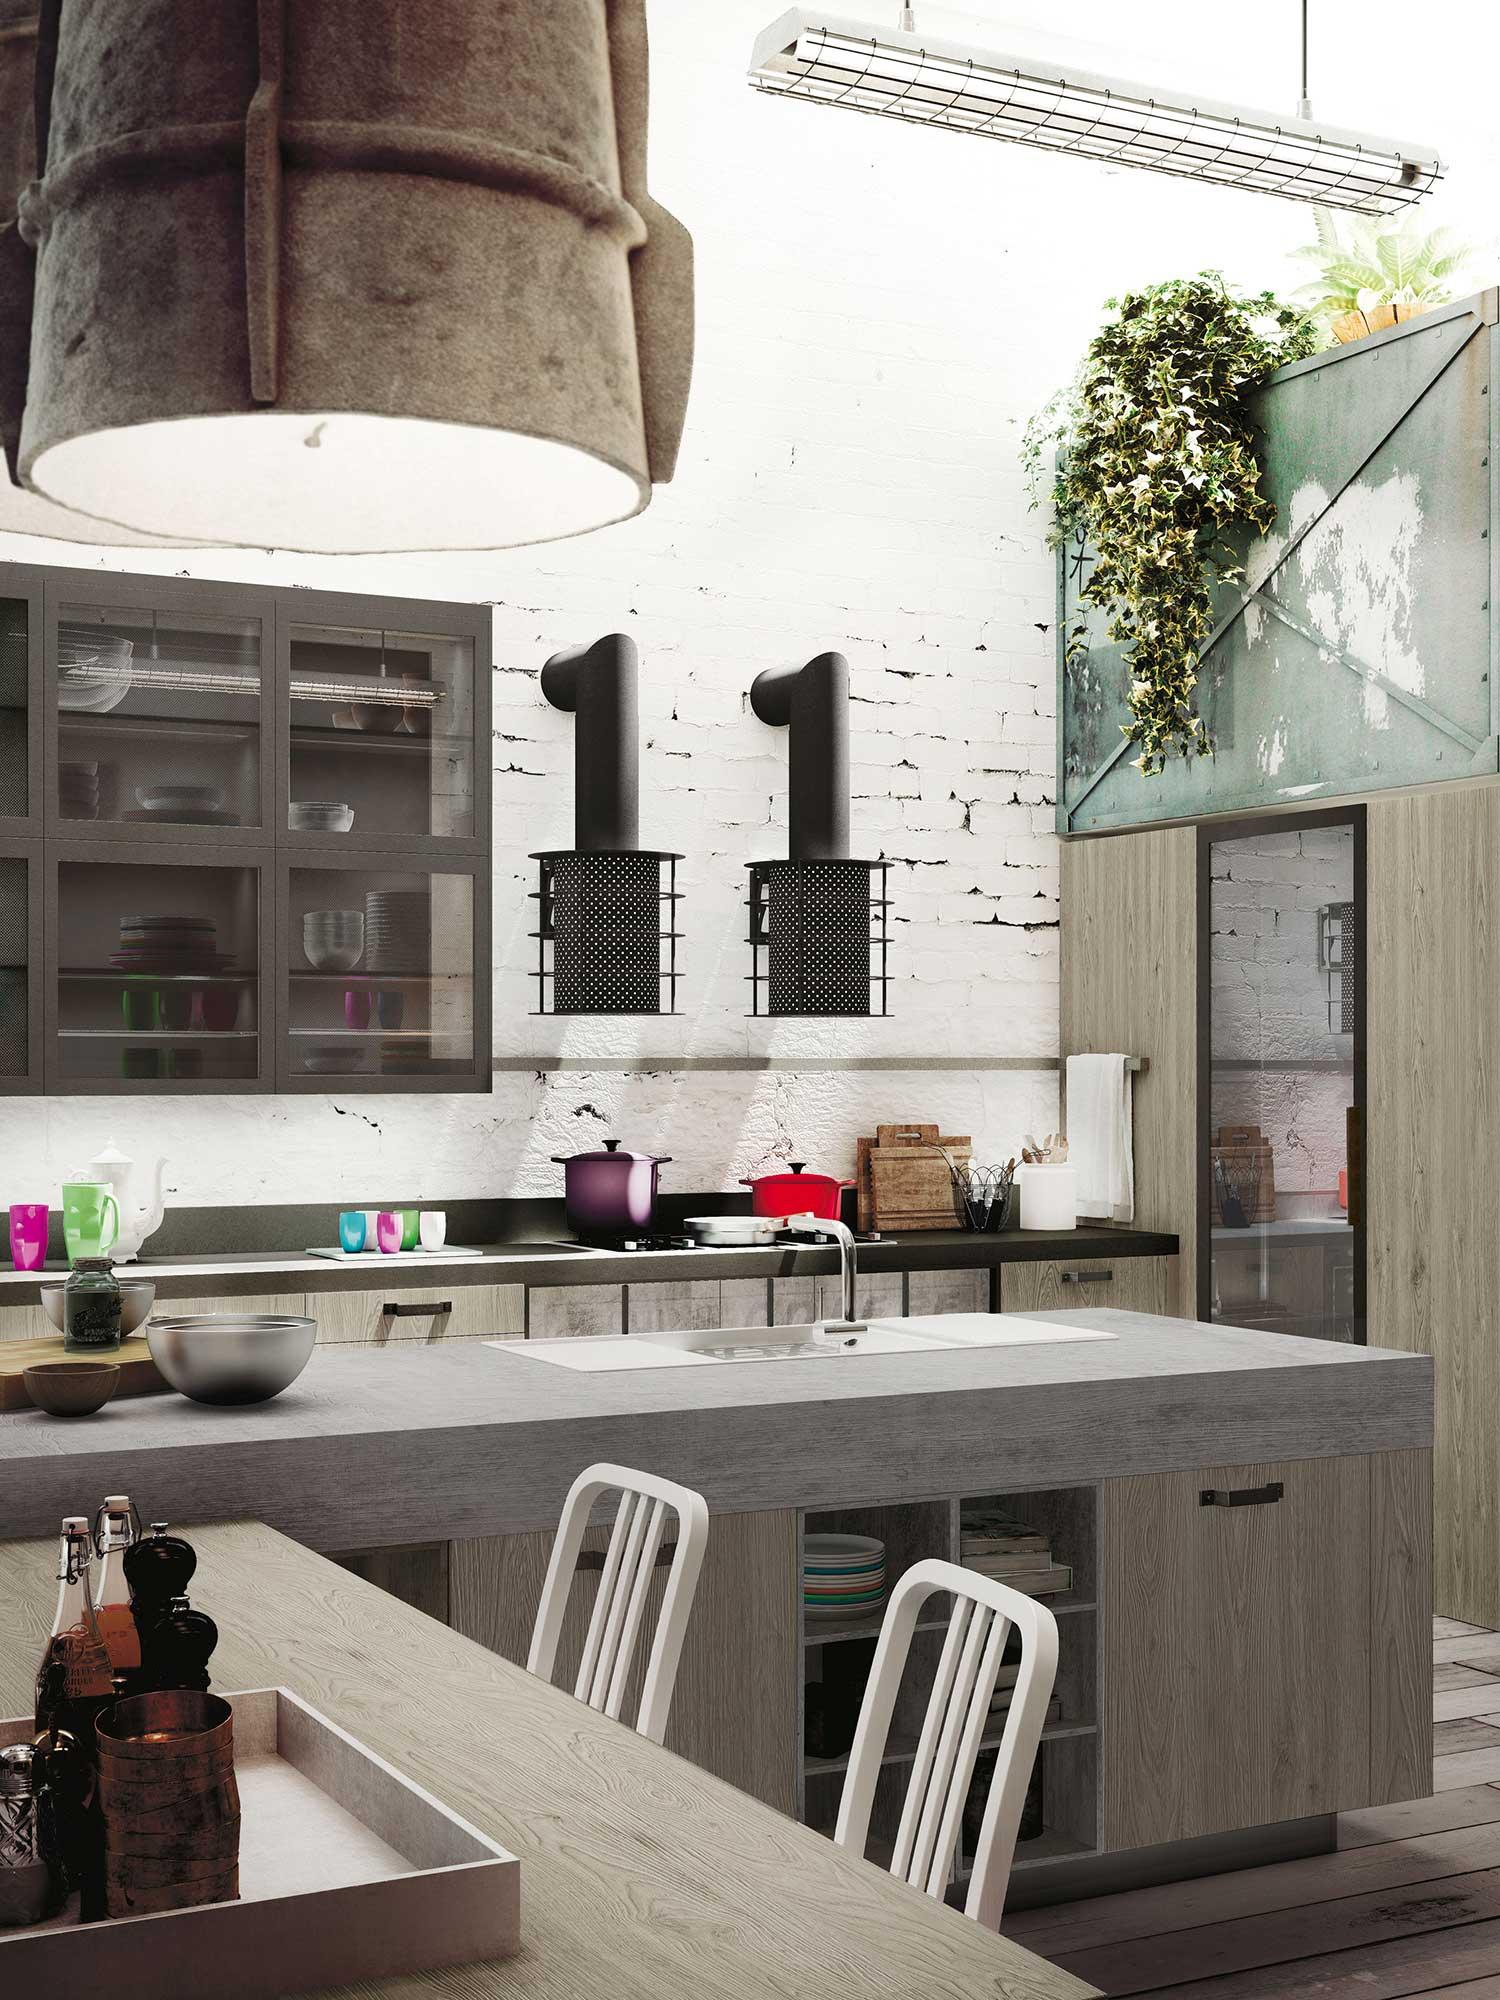 Industri le keuken van tieleman keukens product in beeld startpagina voor keuken idee n uw - Fotos van keukens ...